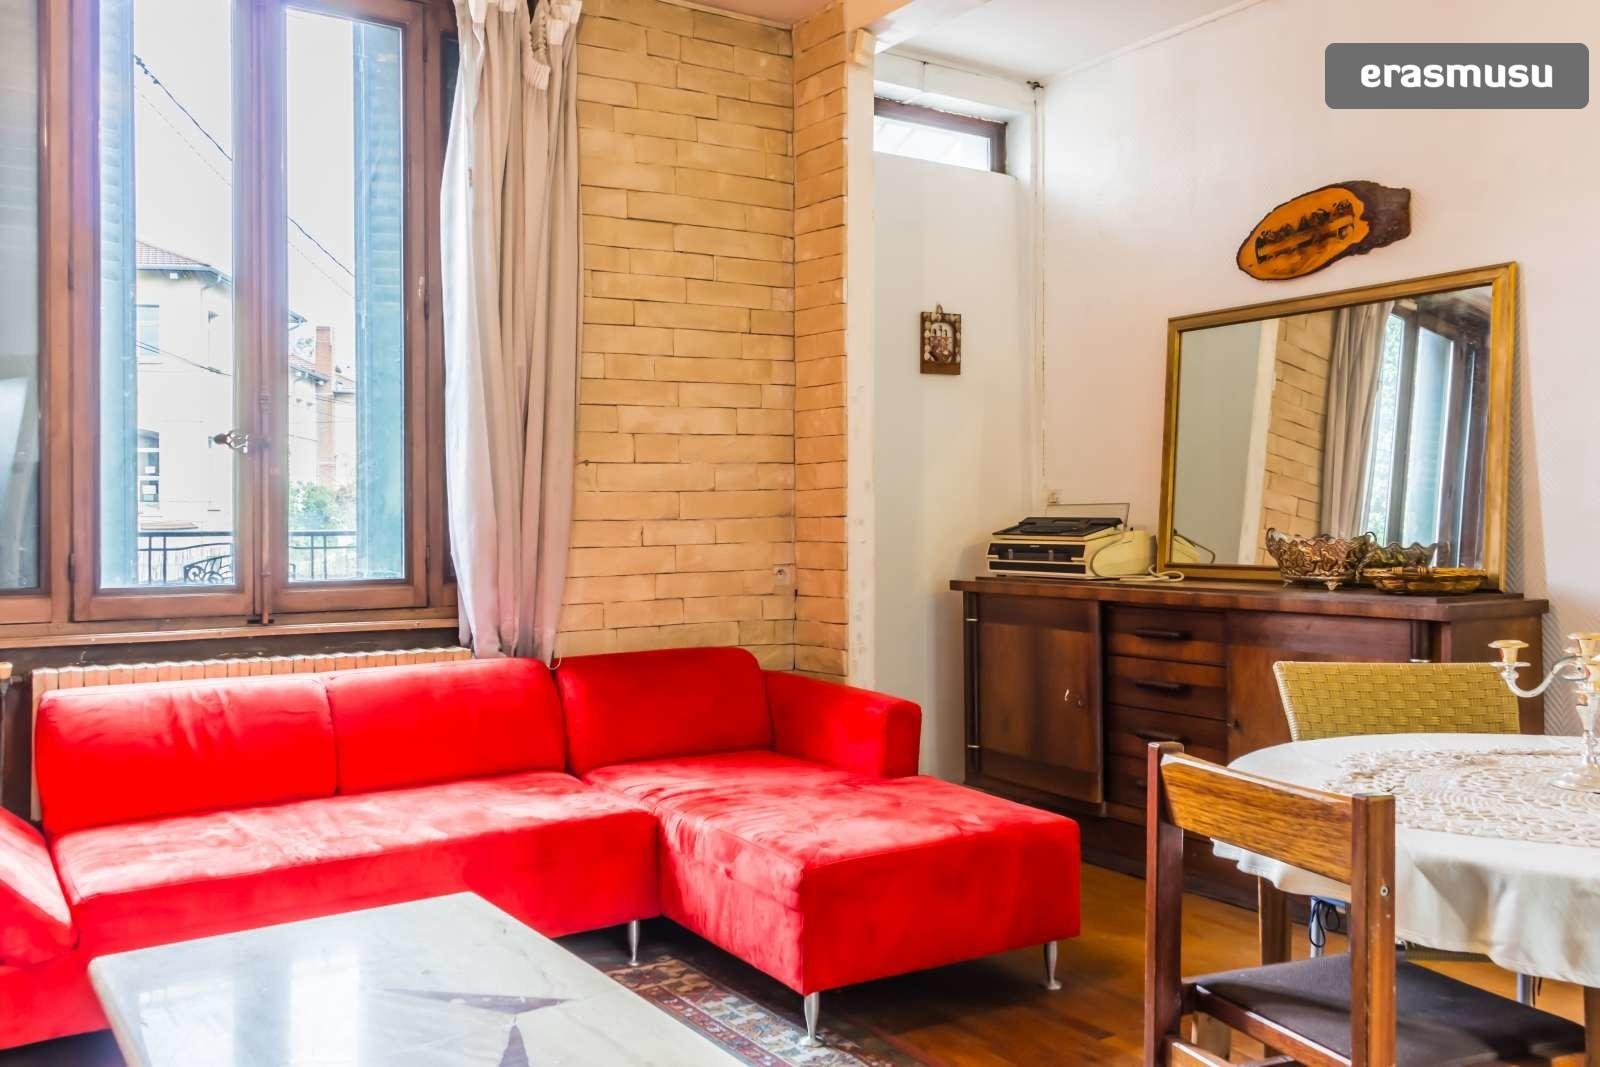 large-1-bedroom-apartment-dryer-rent-villeurbanne-area-fcc89d56f